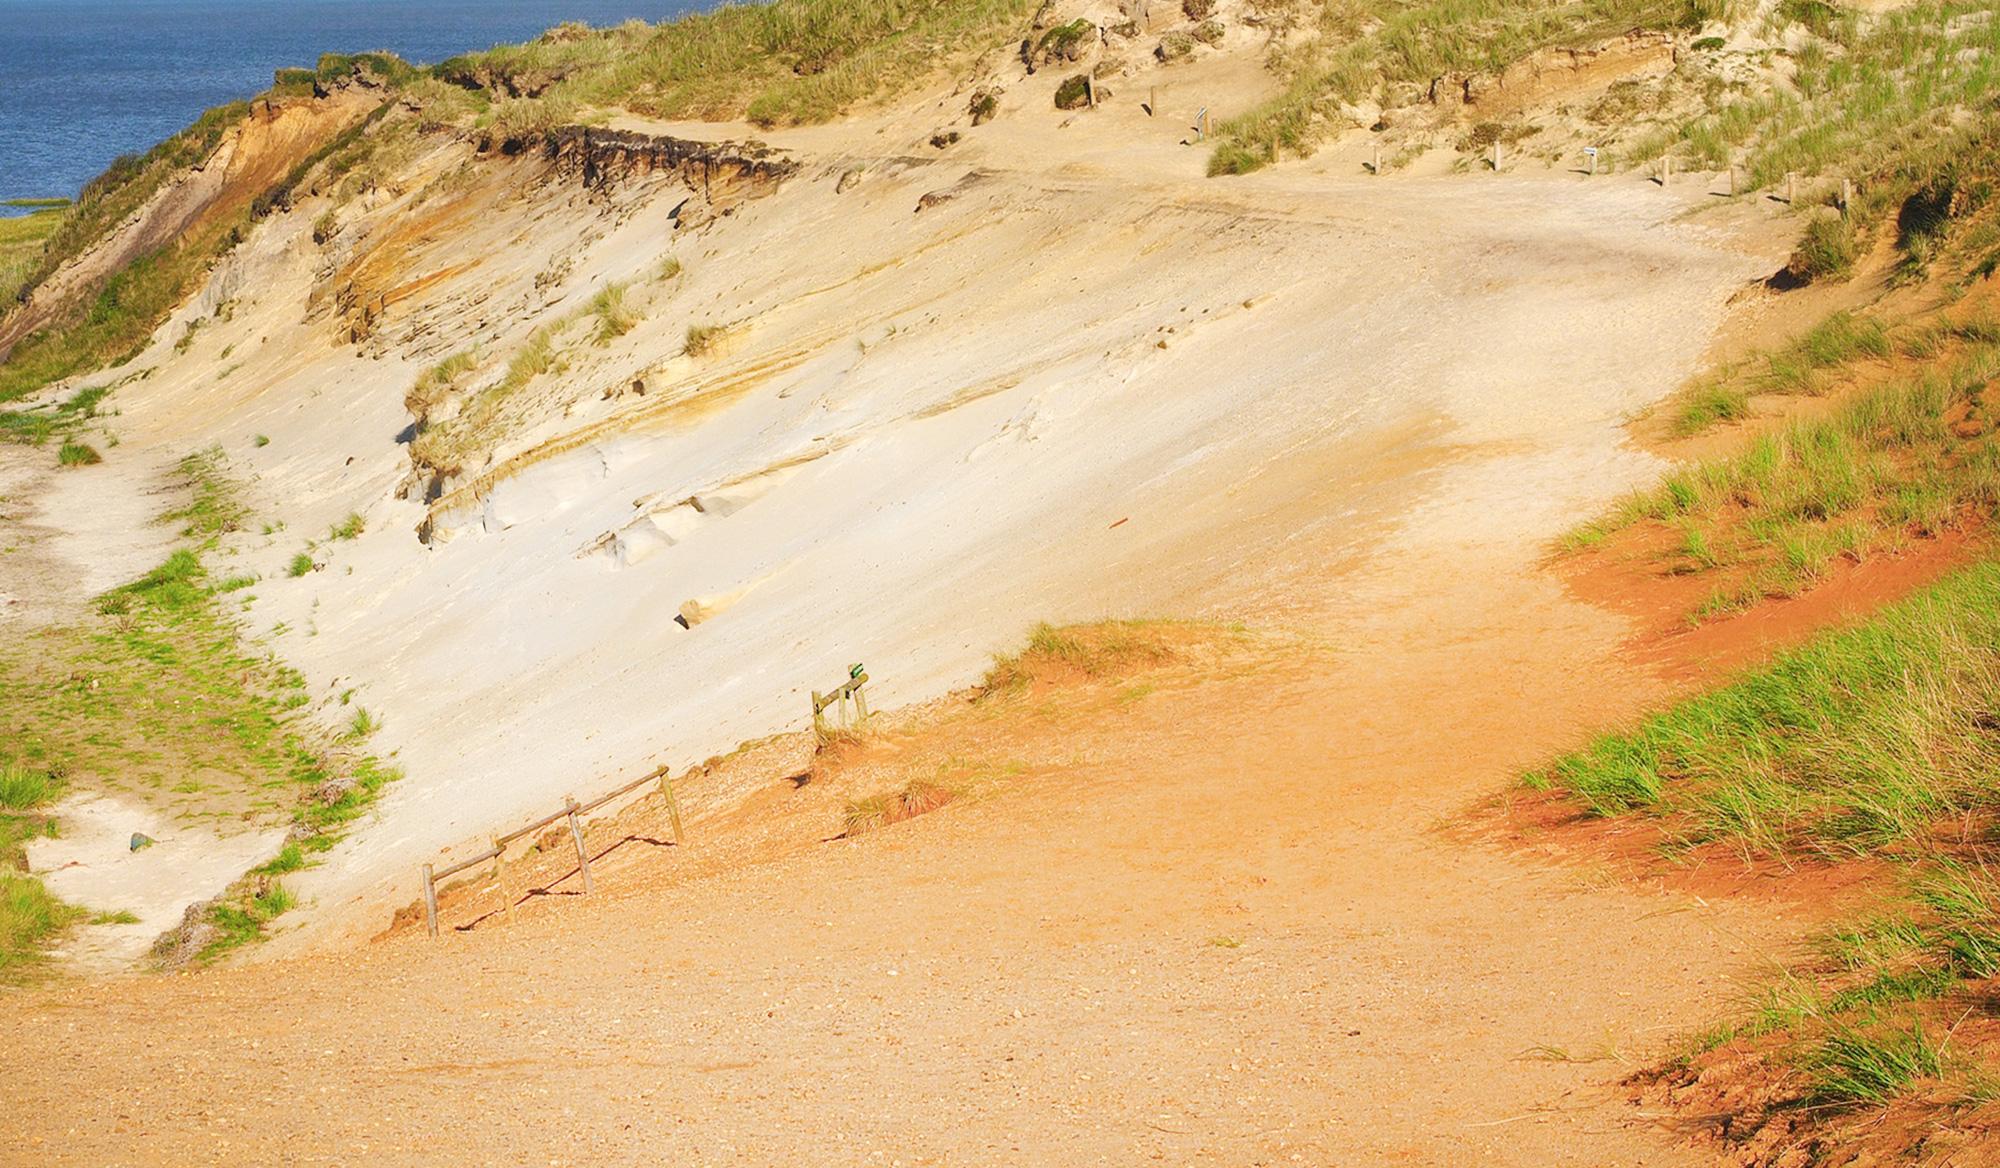 Die Kliffküste vom Morsum-Kliff wurde bereits vor 95 Jahren zum Naturschutzgebiet erklärt